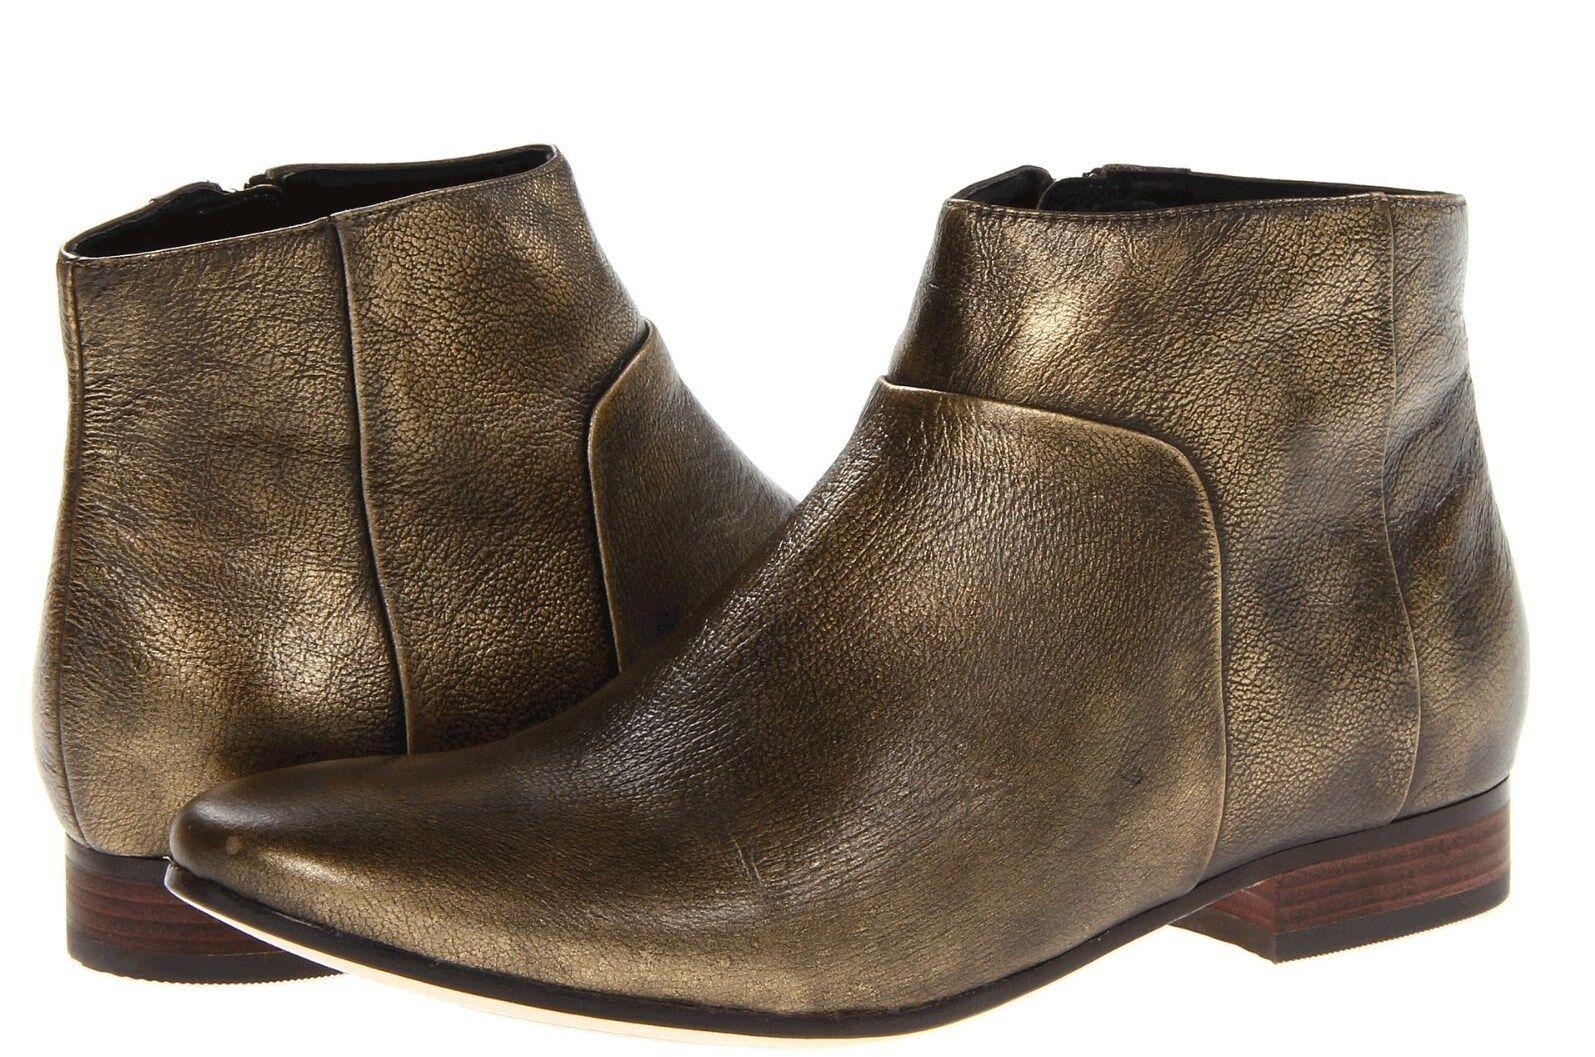 Cole Cole Cole Haan Allen Botín Negro Metálico Cremallera botas al tobillo para mujer 7 Nuevo En Caja b666fd